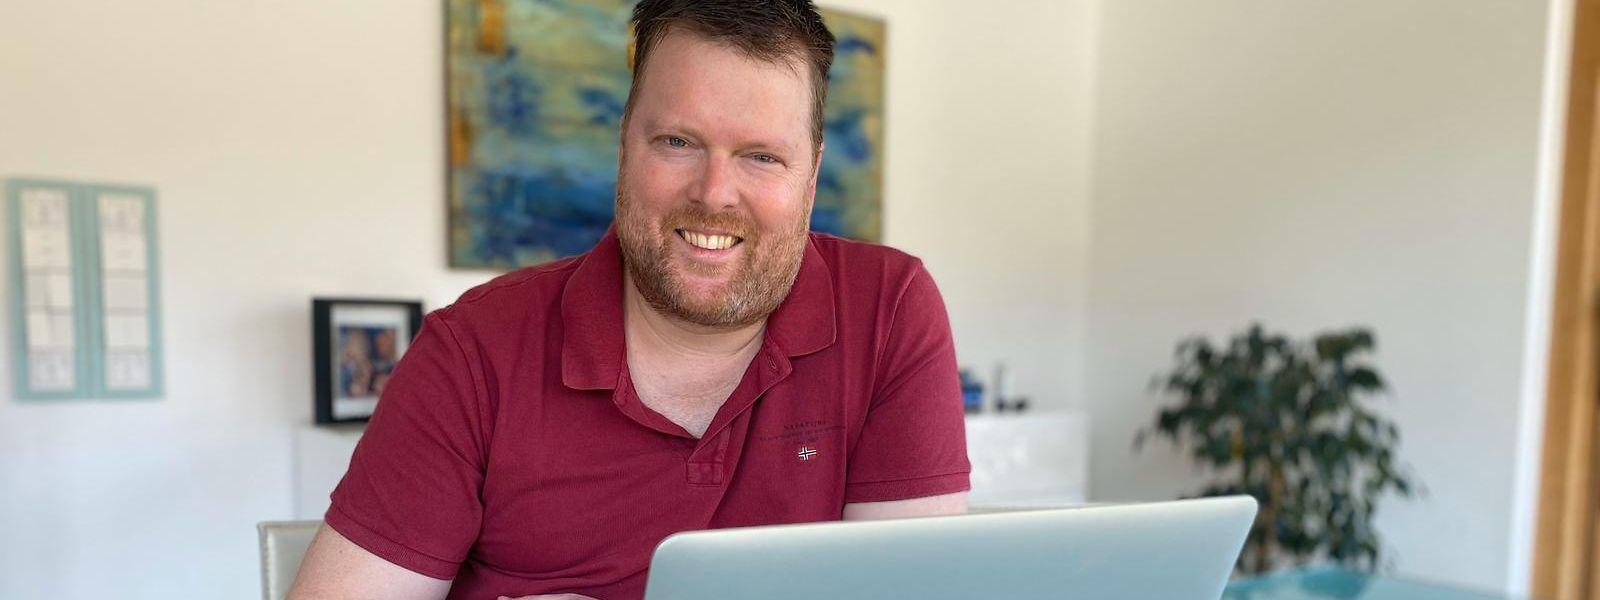 Michel Engel verbringt auch in der spielfreien Zeit täglich einige Stunden vor seinem Laptop.